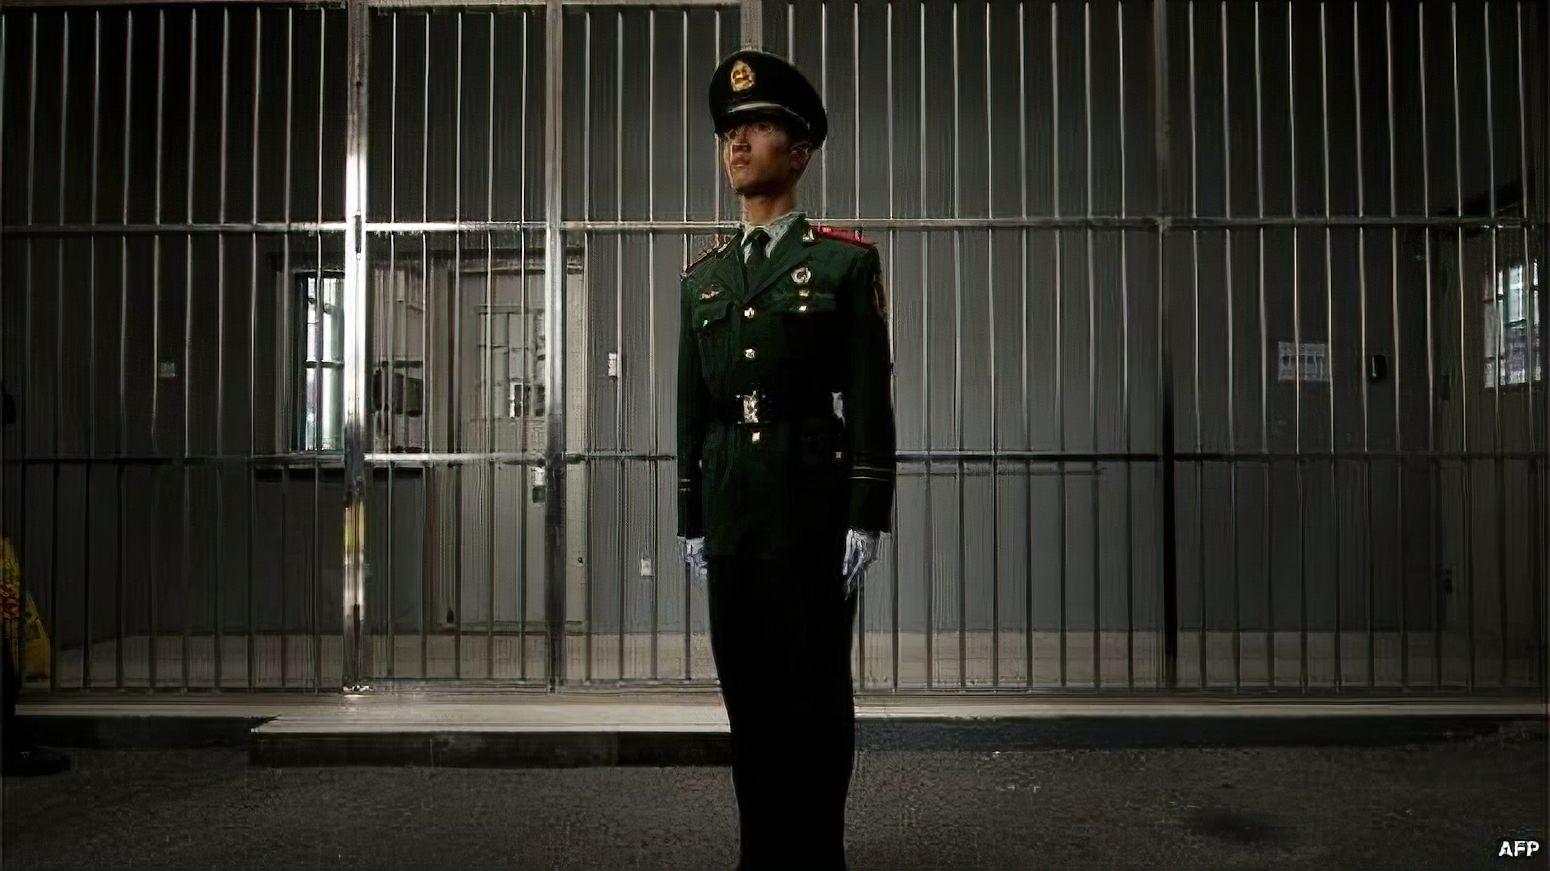 DJI's private keys on Github lands Chinese developer in jail